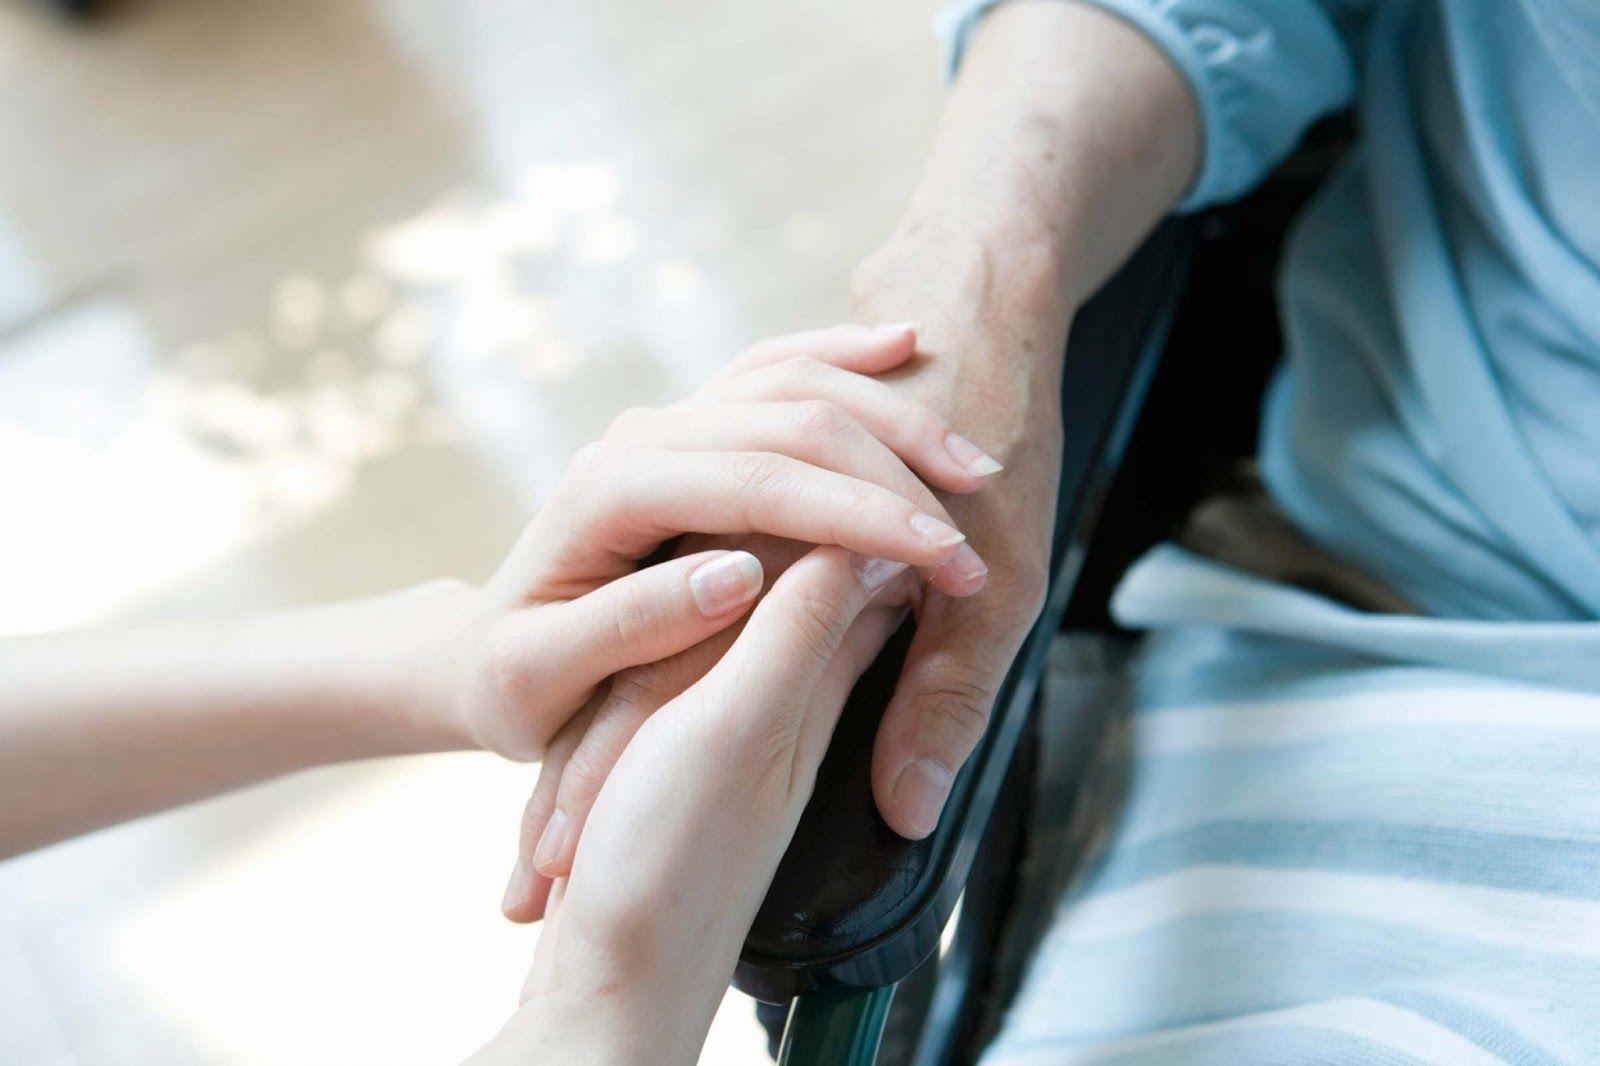 Chăm sóc giảm nhẹ cho bệnh nhân ung thư giai đoạn muộn rất quan trọng